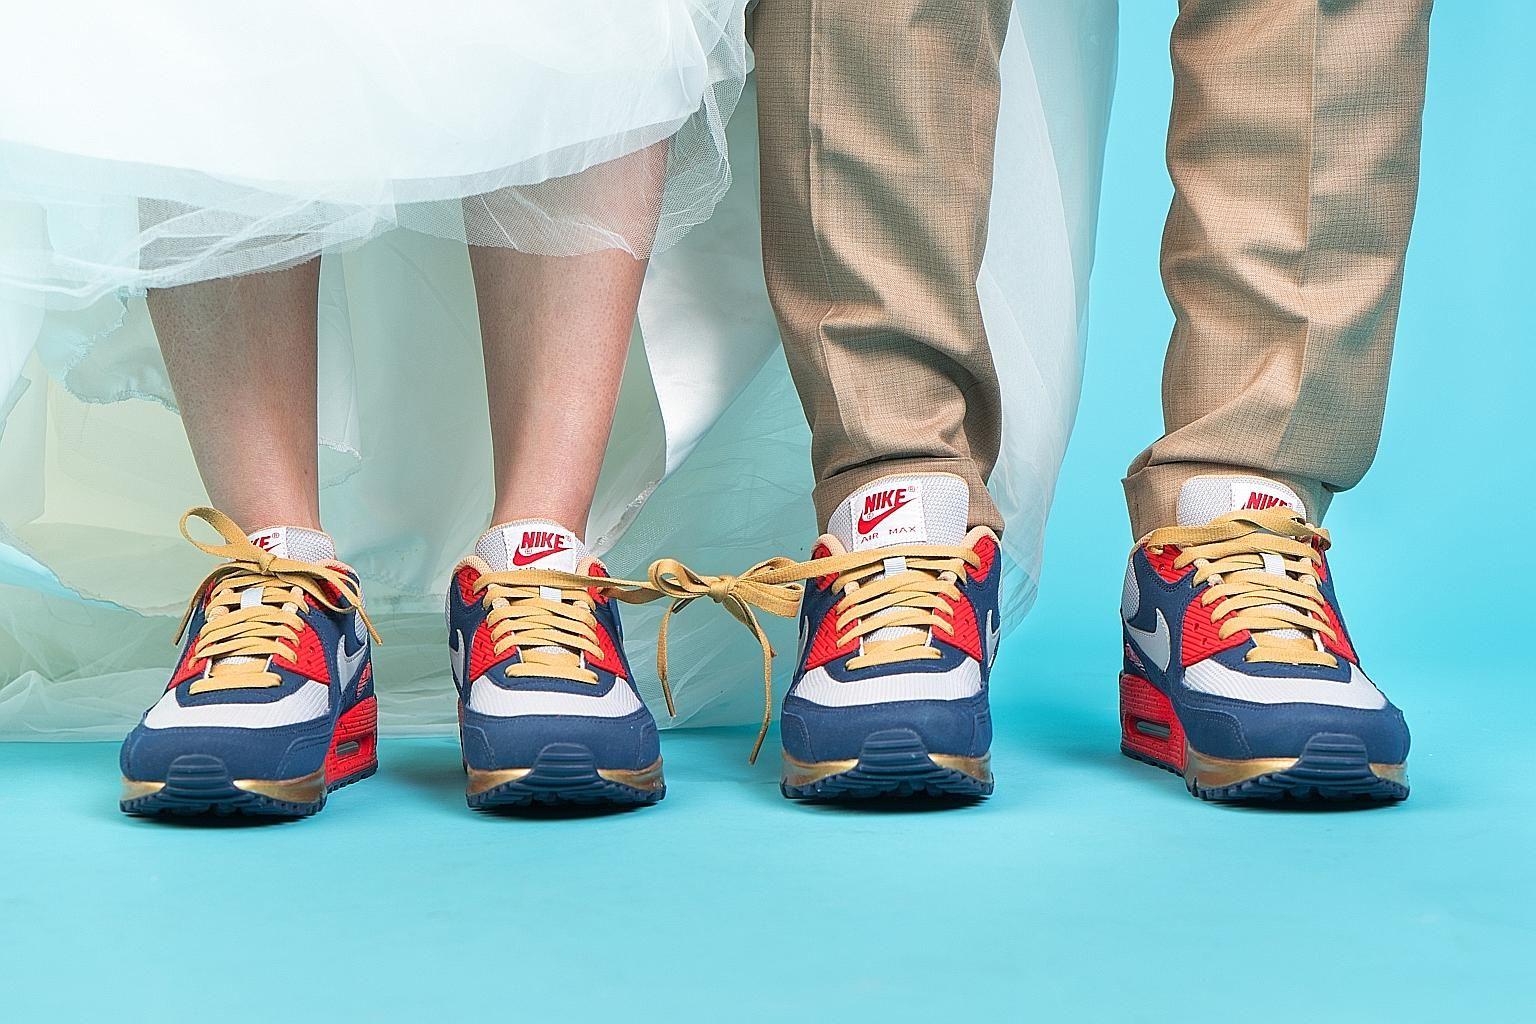 Pin by Loveweddingsng on Brides in Sneakers | Pinterest | Weddings